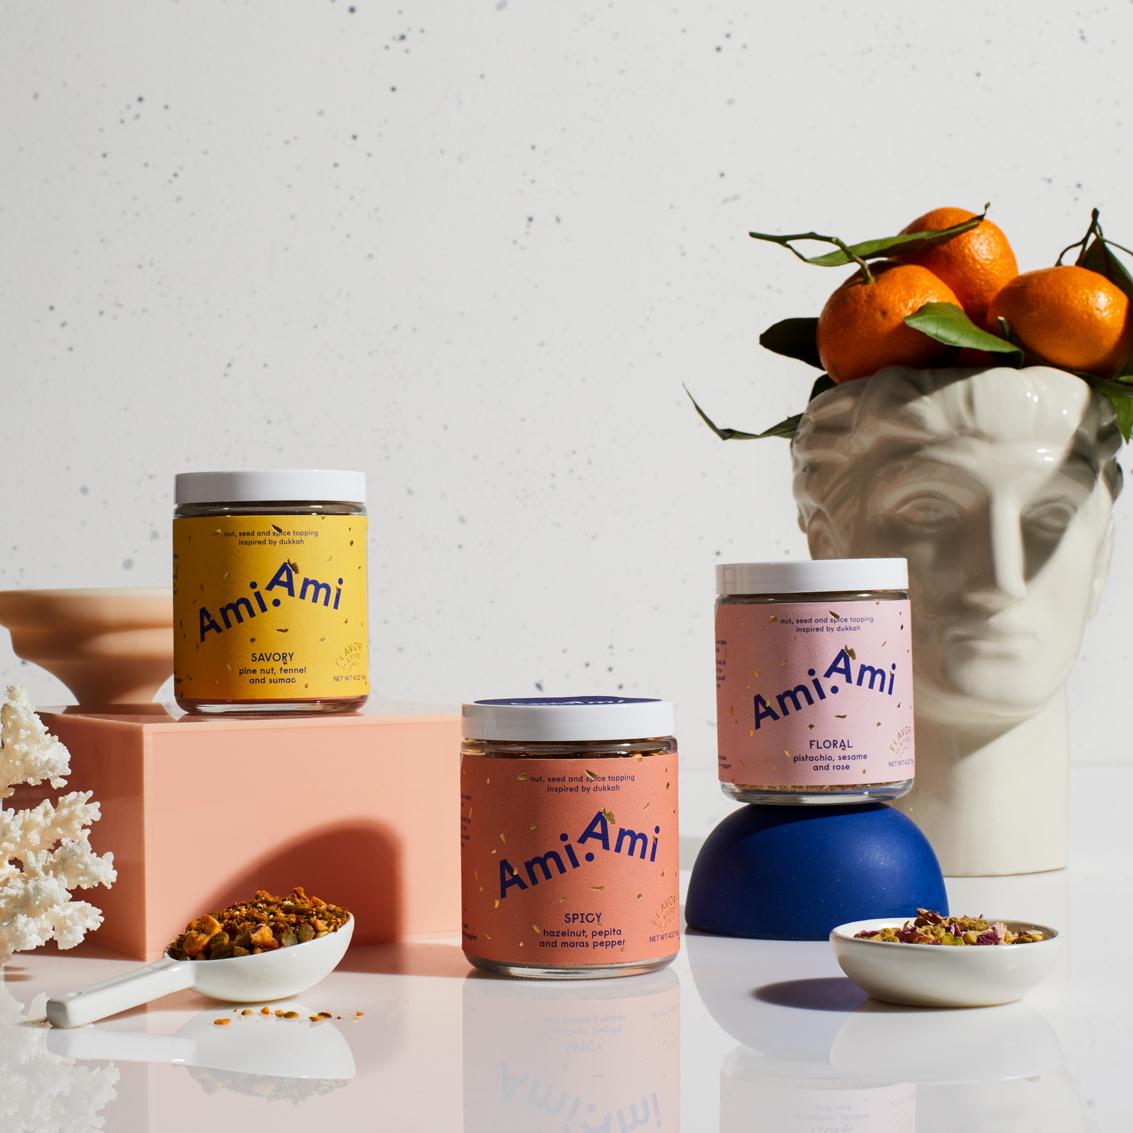 ami-ami-foods-dukkah-toppings